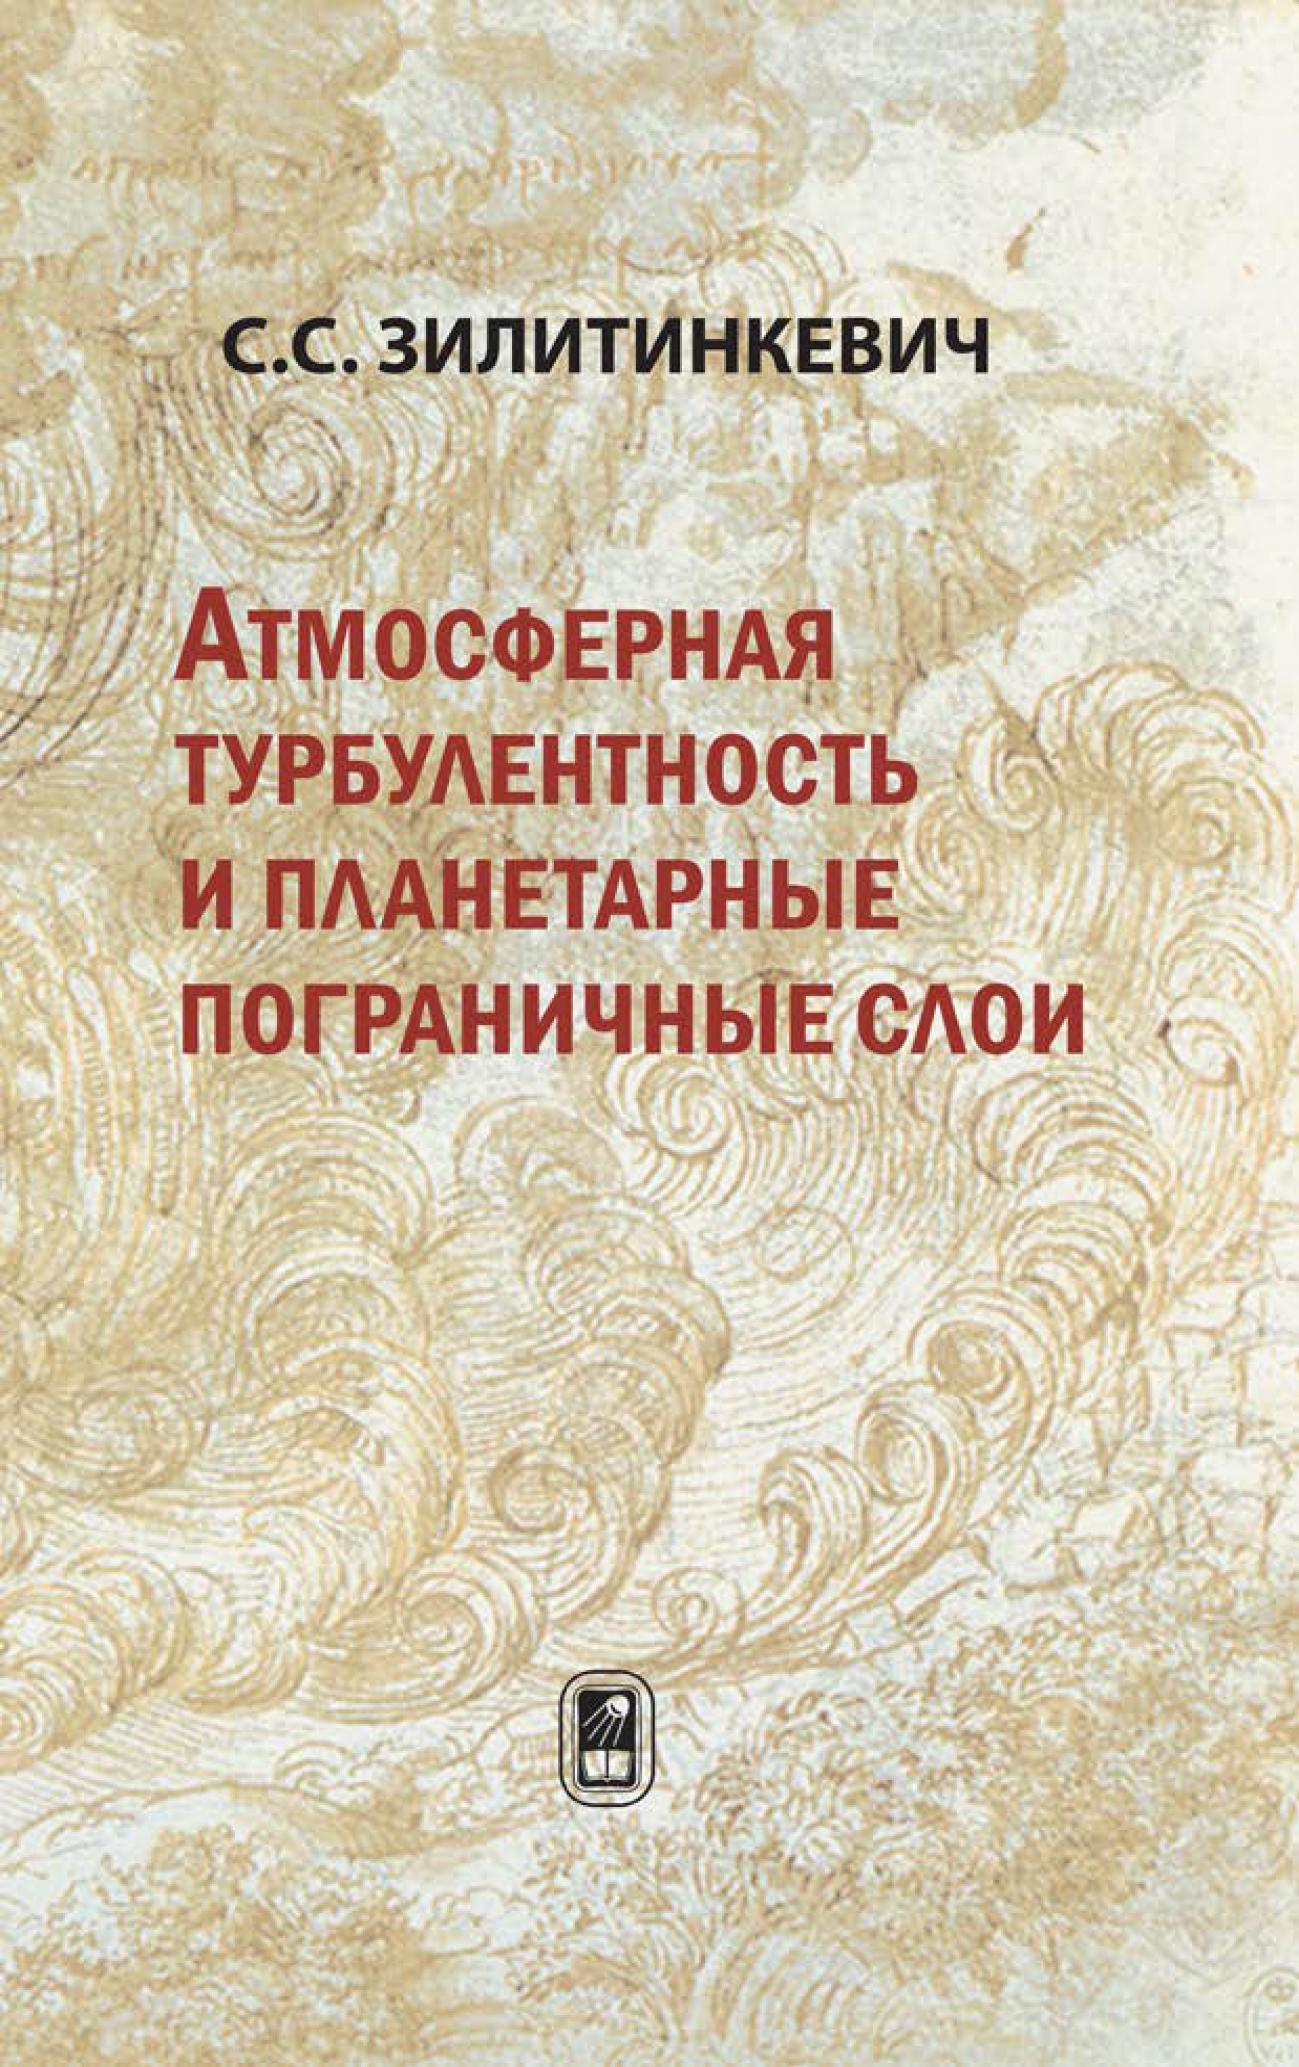 Сергей Сергеевич Зилитинкевич Атмосферная турбулентность и планетарные пограничные слои